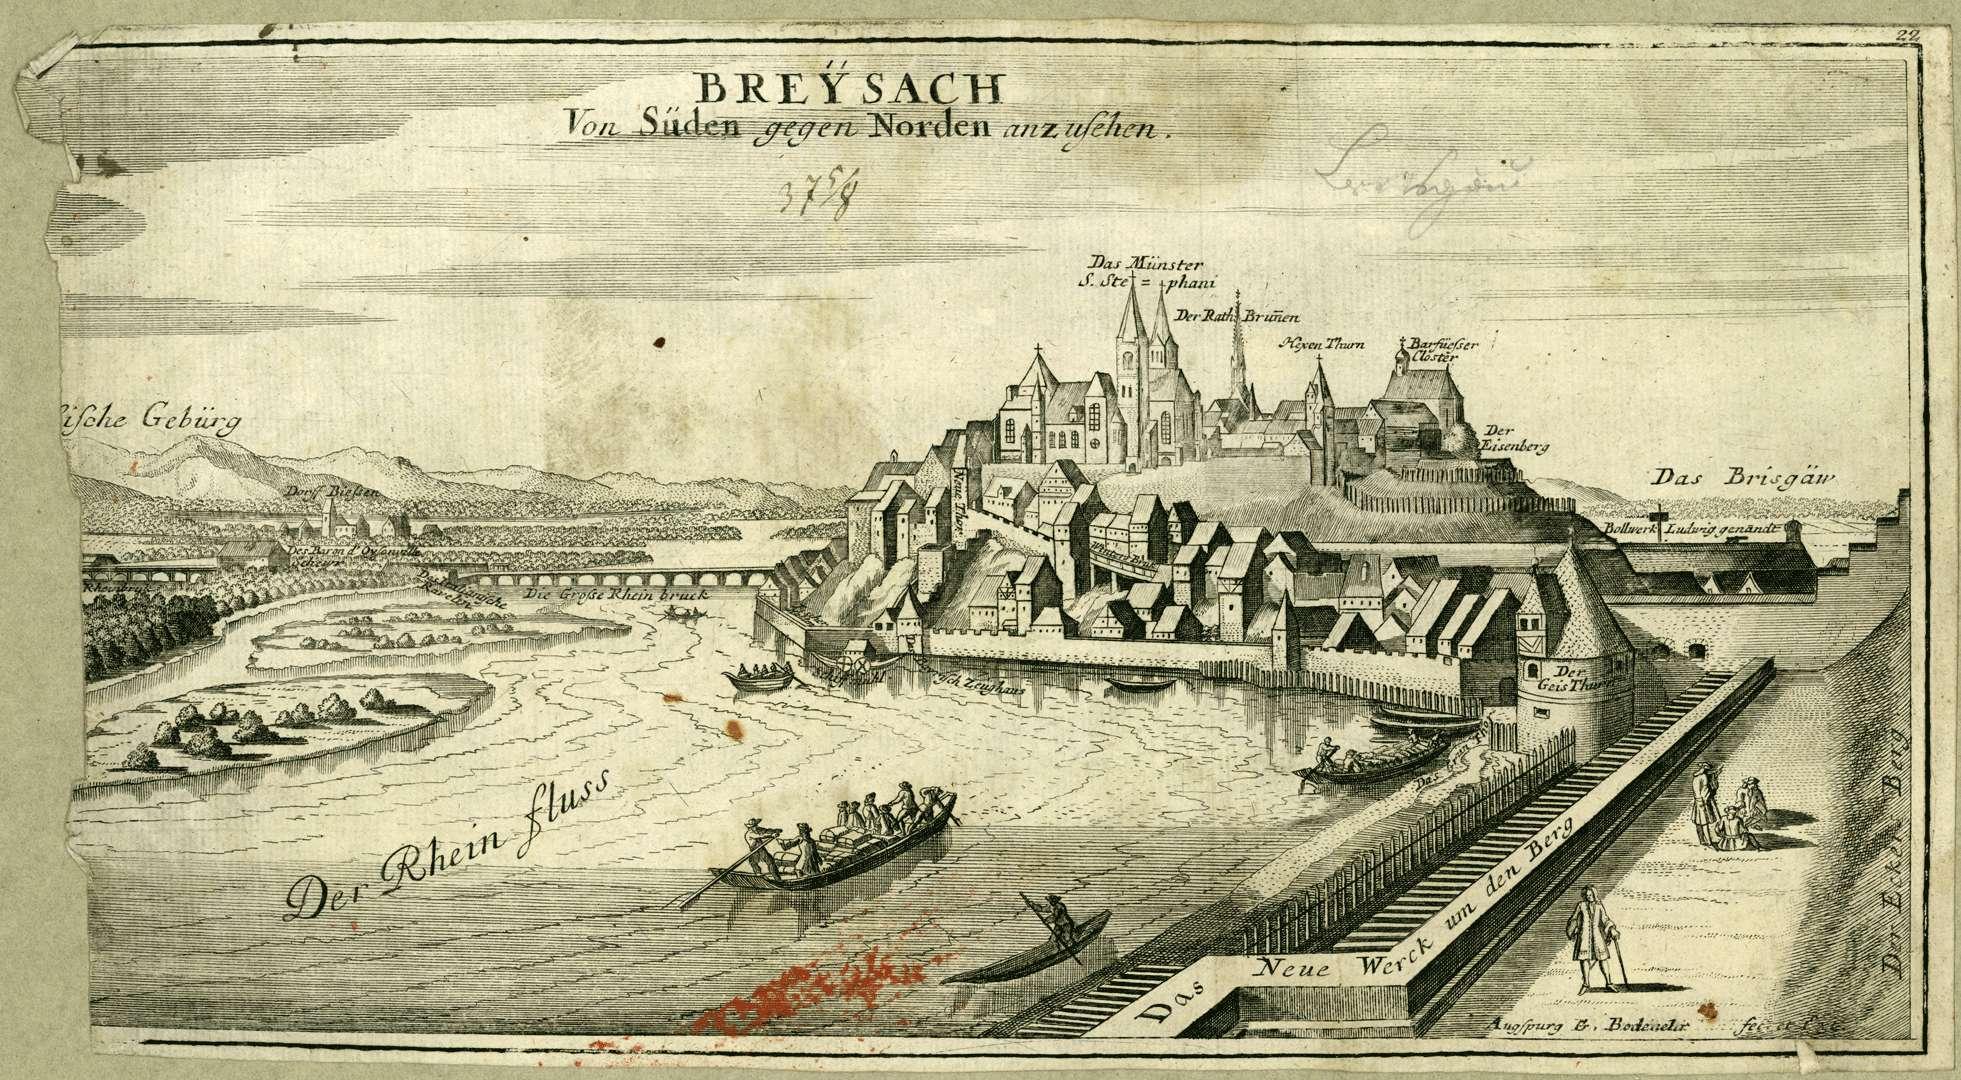 Breysach Von Süden gegen Norden anzusehen, Bild 1